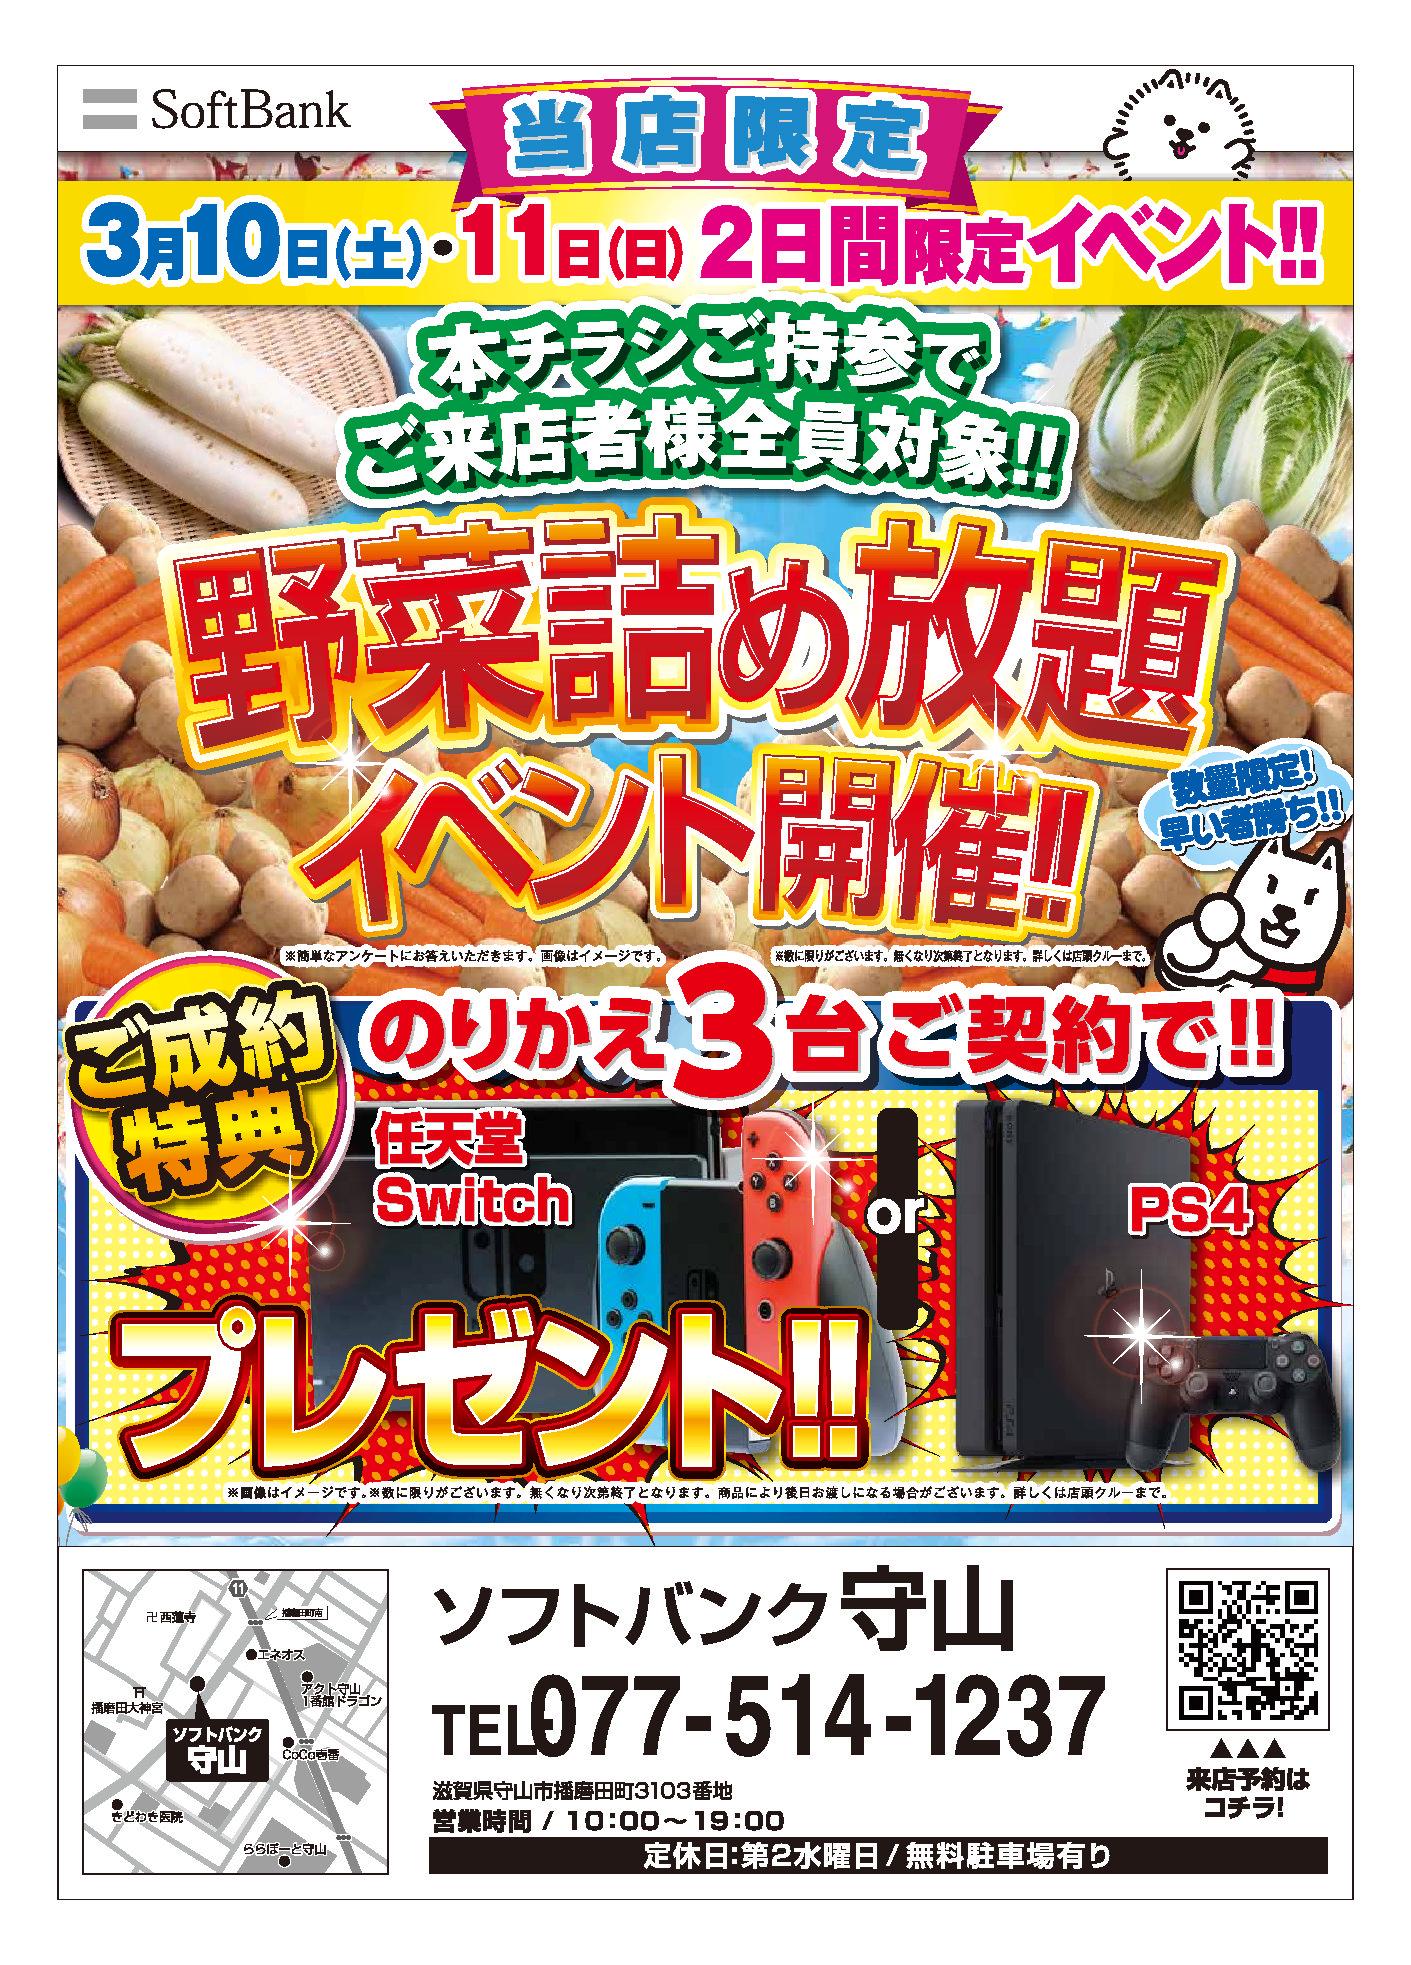 ☆3/10・11ソフトバンク守山イベント情報☆(画像)